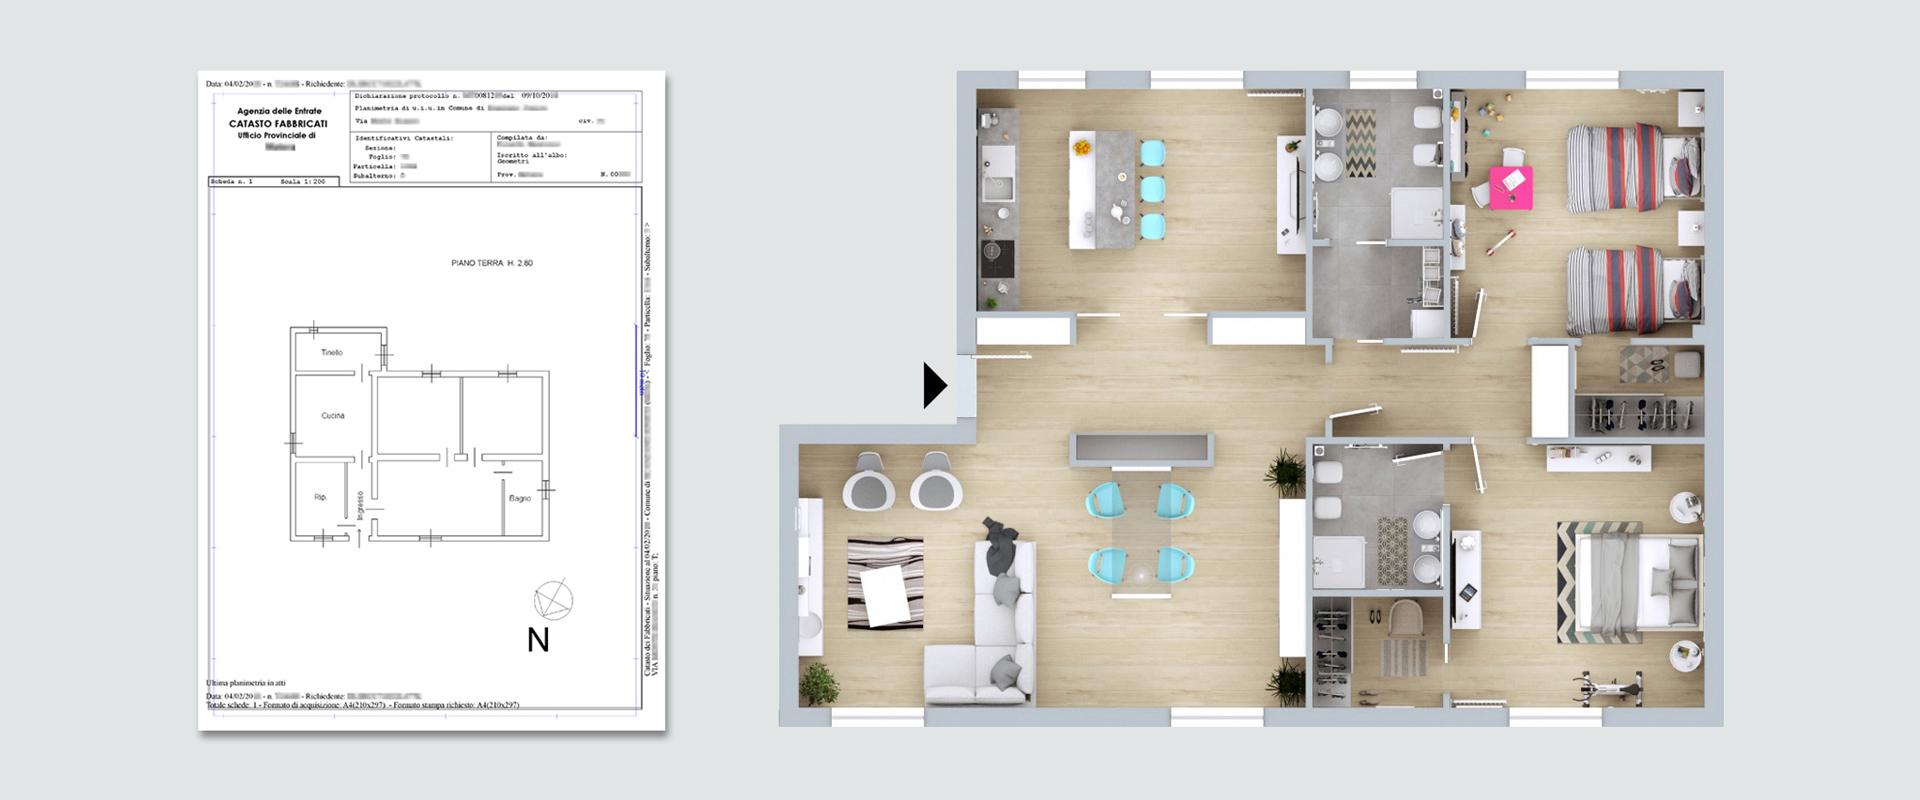 Planimetria Casa Online Planimetrie Immobiliari